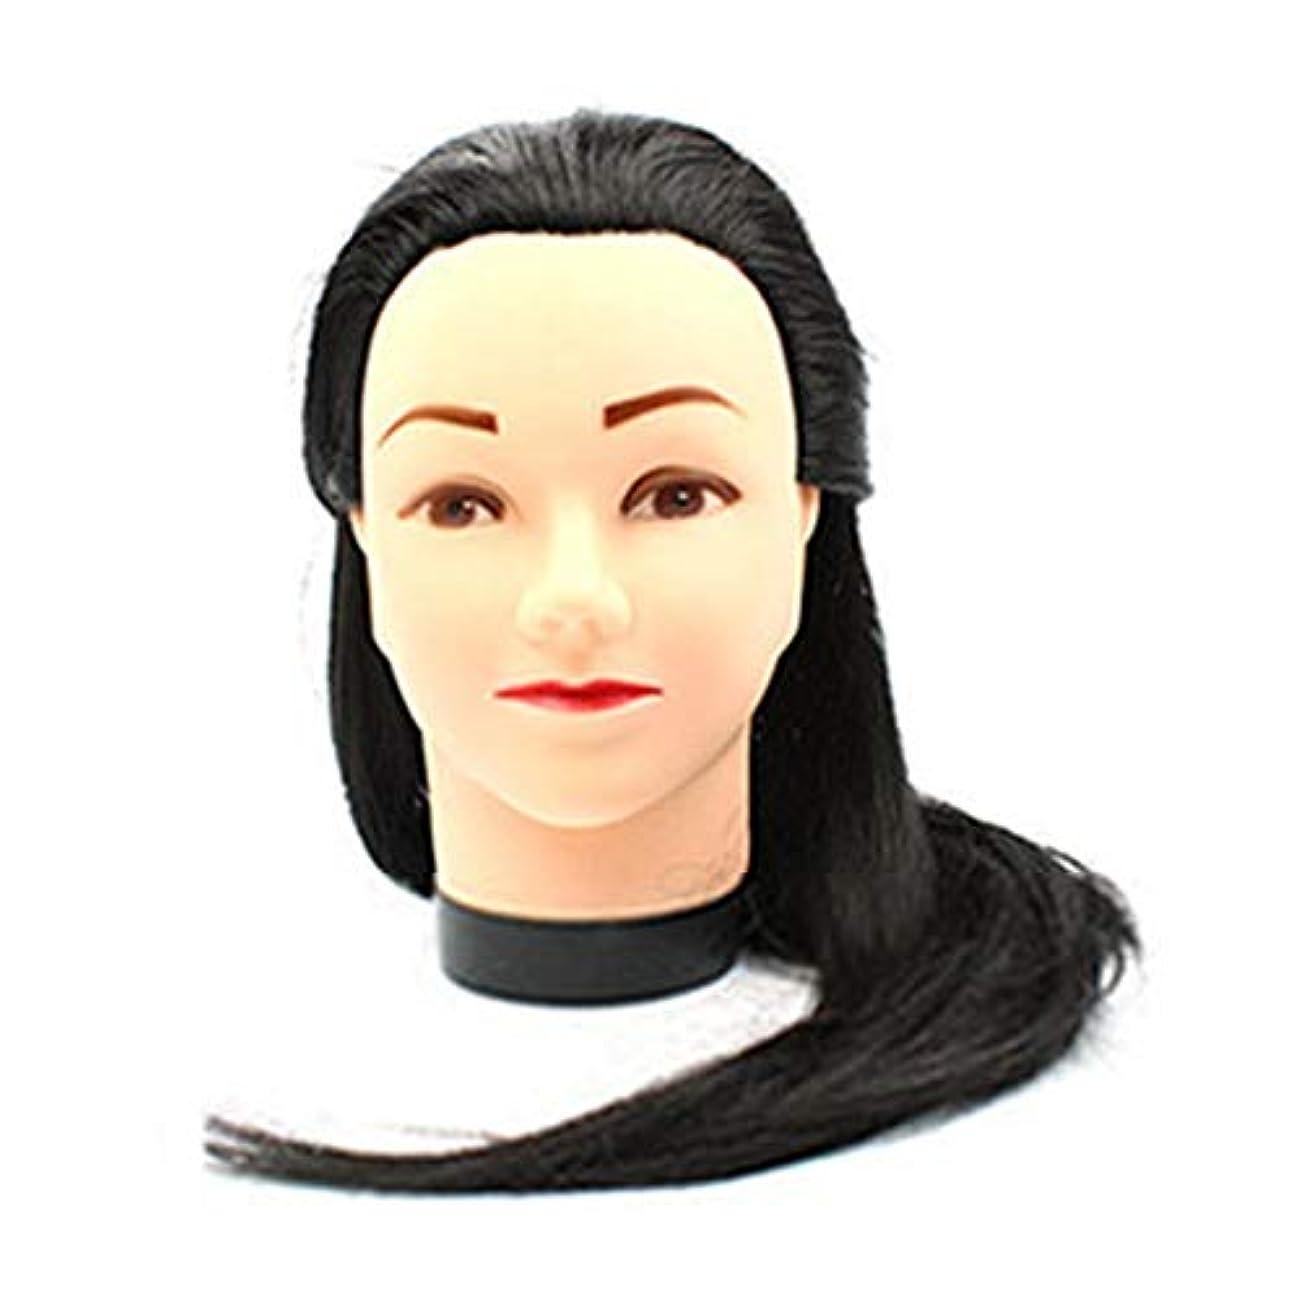 孤独なうっかり部門低温繊維かつらヘッドモールドメイクヘアスタイリングヘッドヘアーサロントレーニング学習ヘアカットデュアルユースダミー人間の頭